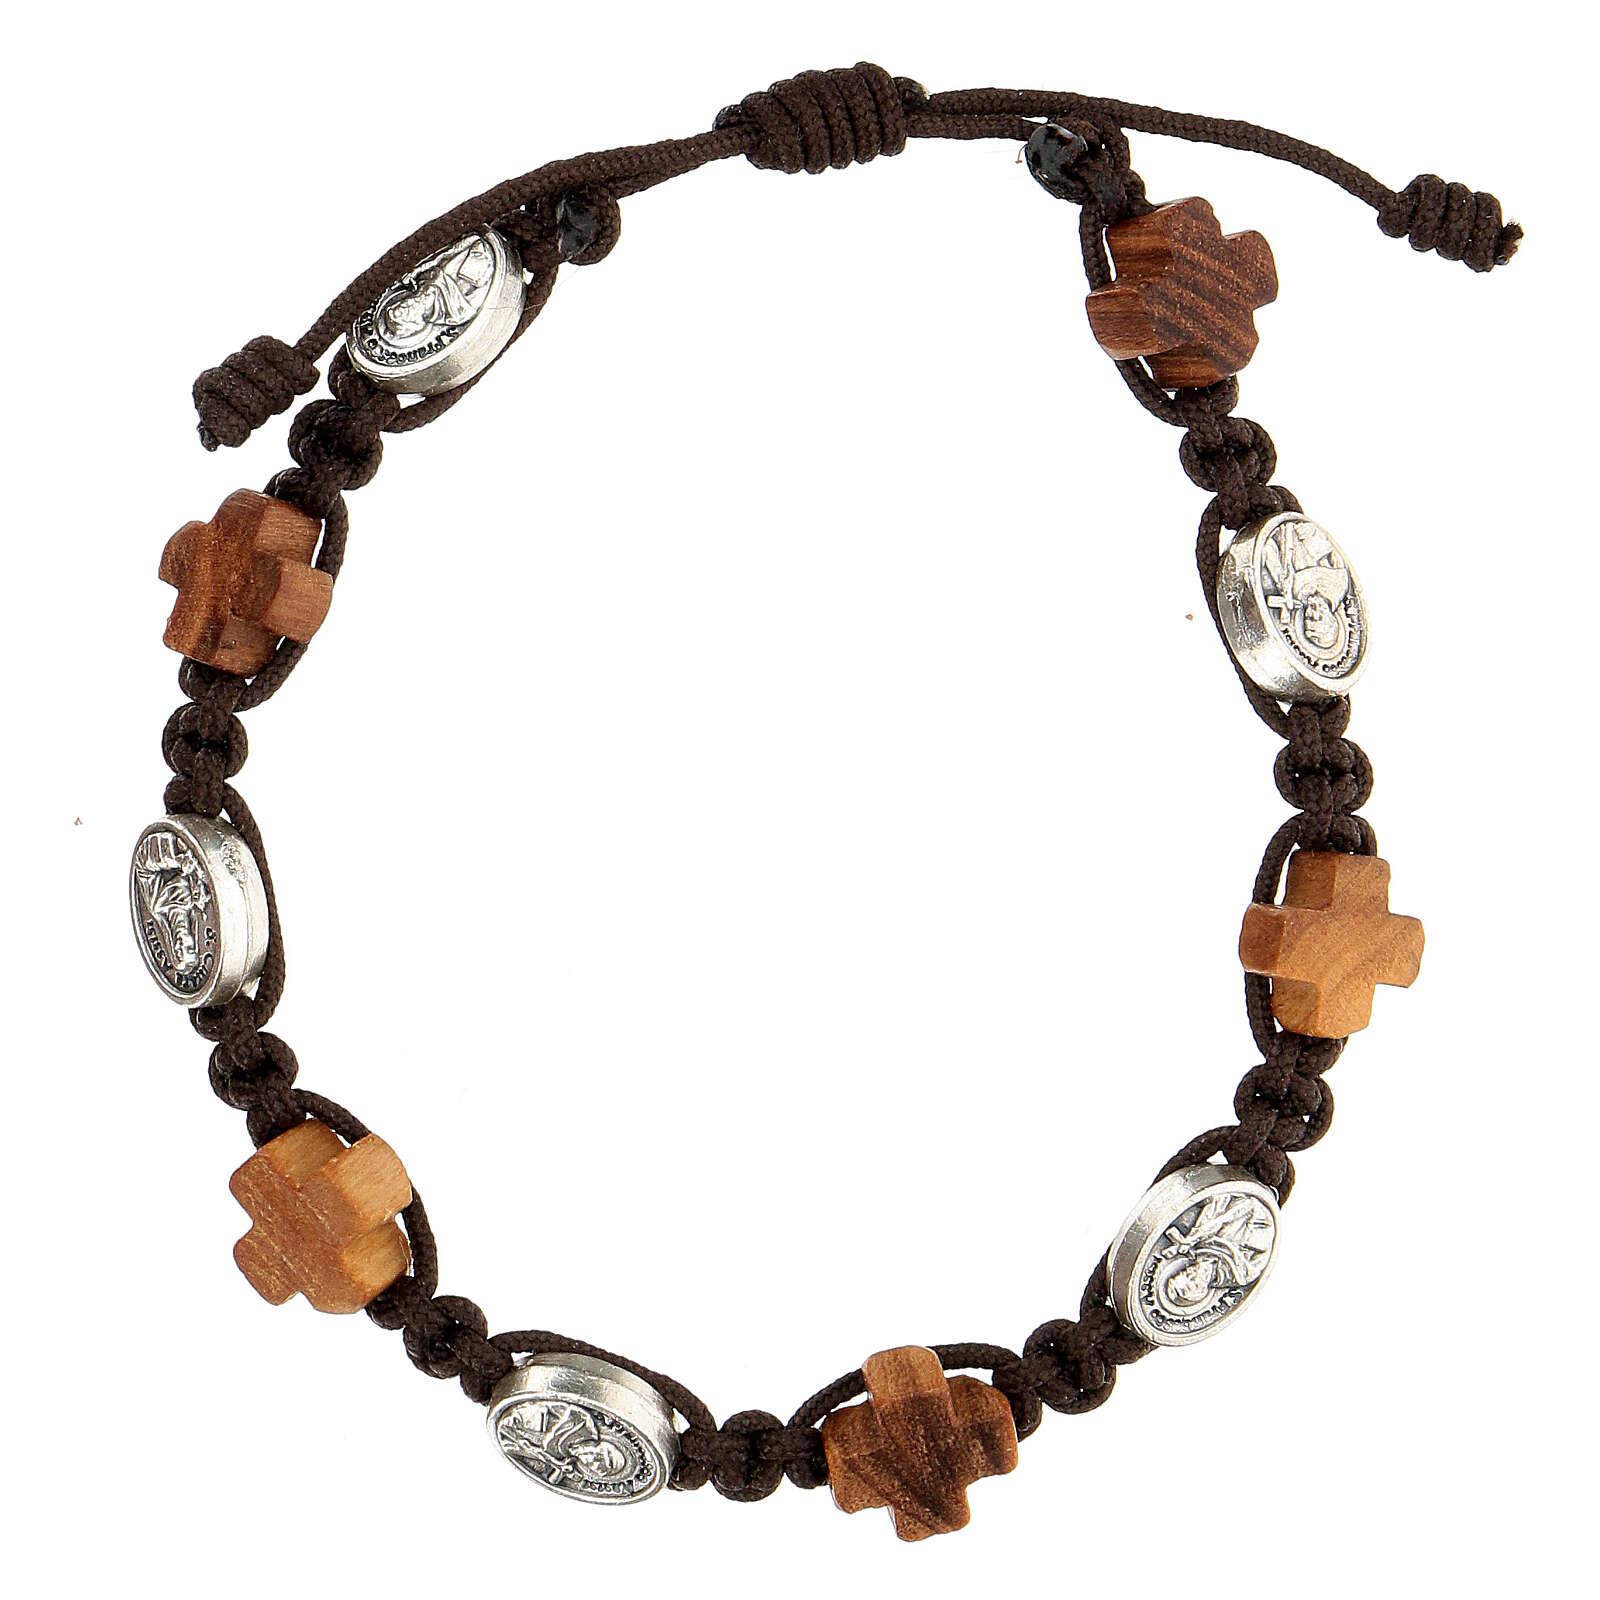 Medjugorje religious bracelet olive wood crosses and metal medals  4